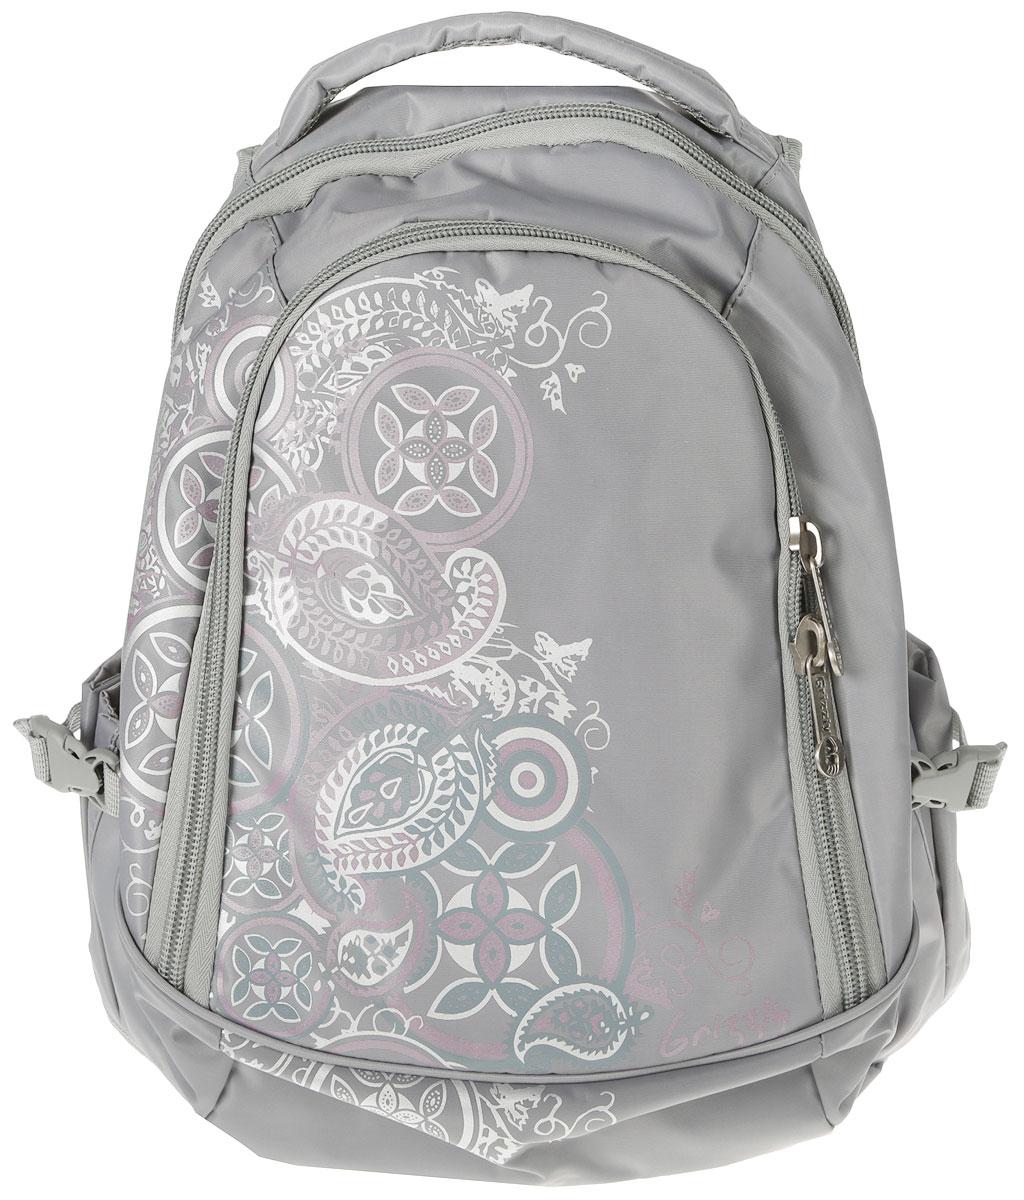 Рюкзак молодежный женский Grizzly, цвет: серый, сиреневый, белый, 14,5 л. RD-643-2/5RD-643-2/5_сиреневыйЖенский рюкзак Grizzly изготовлен из полиэстера и имеет два главных отделения, закрывающиеся на застежки-молнии, боковой карман, внутренний карман на молнии, внутренний карман-пенал для карандашей.Рюкзак с анатомической спинкой оснащен двумя широкими мягкими лямками регулируемой длины и удобной короткой ручкой.